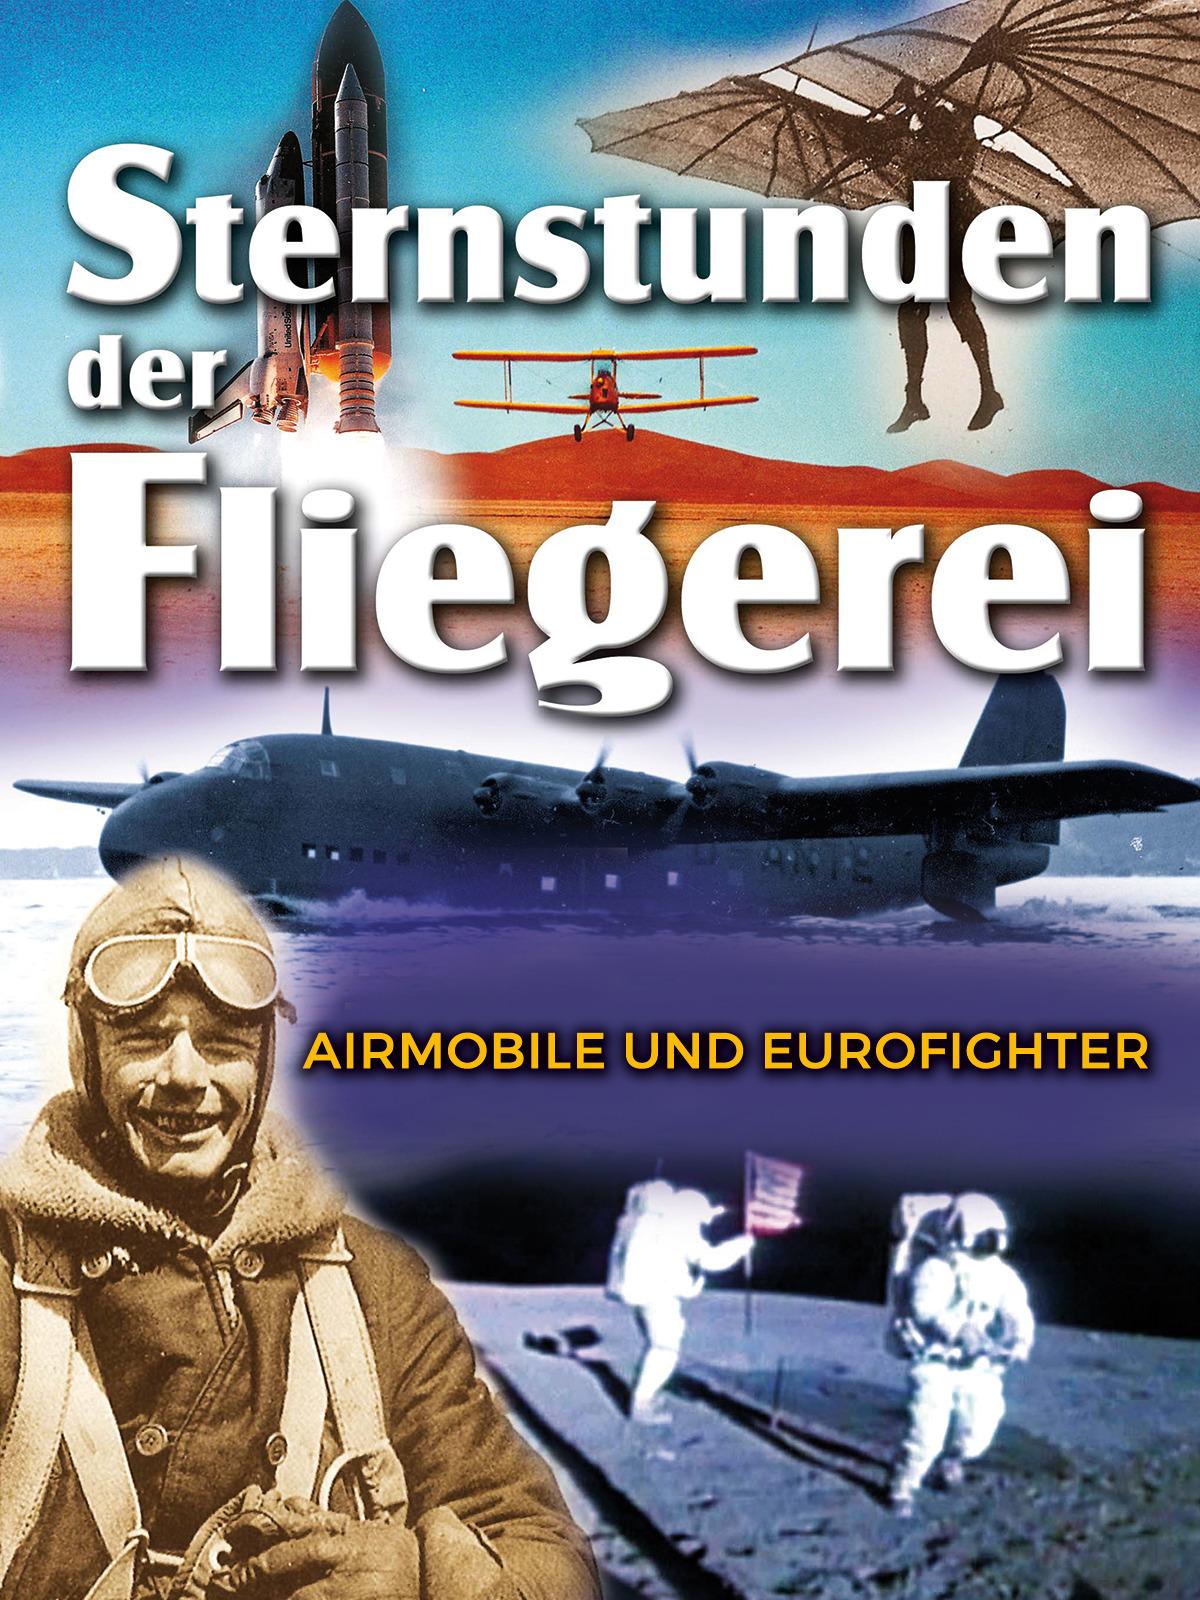 Sternstunden den Fliegerei - Airmobile und Eurofighter